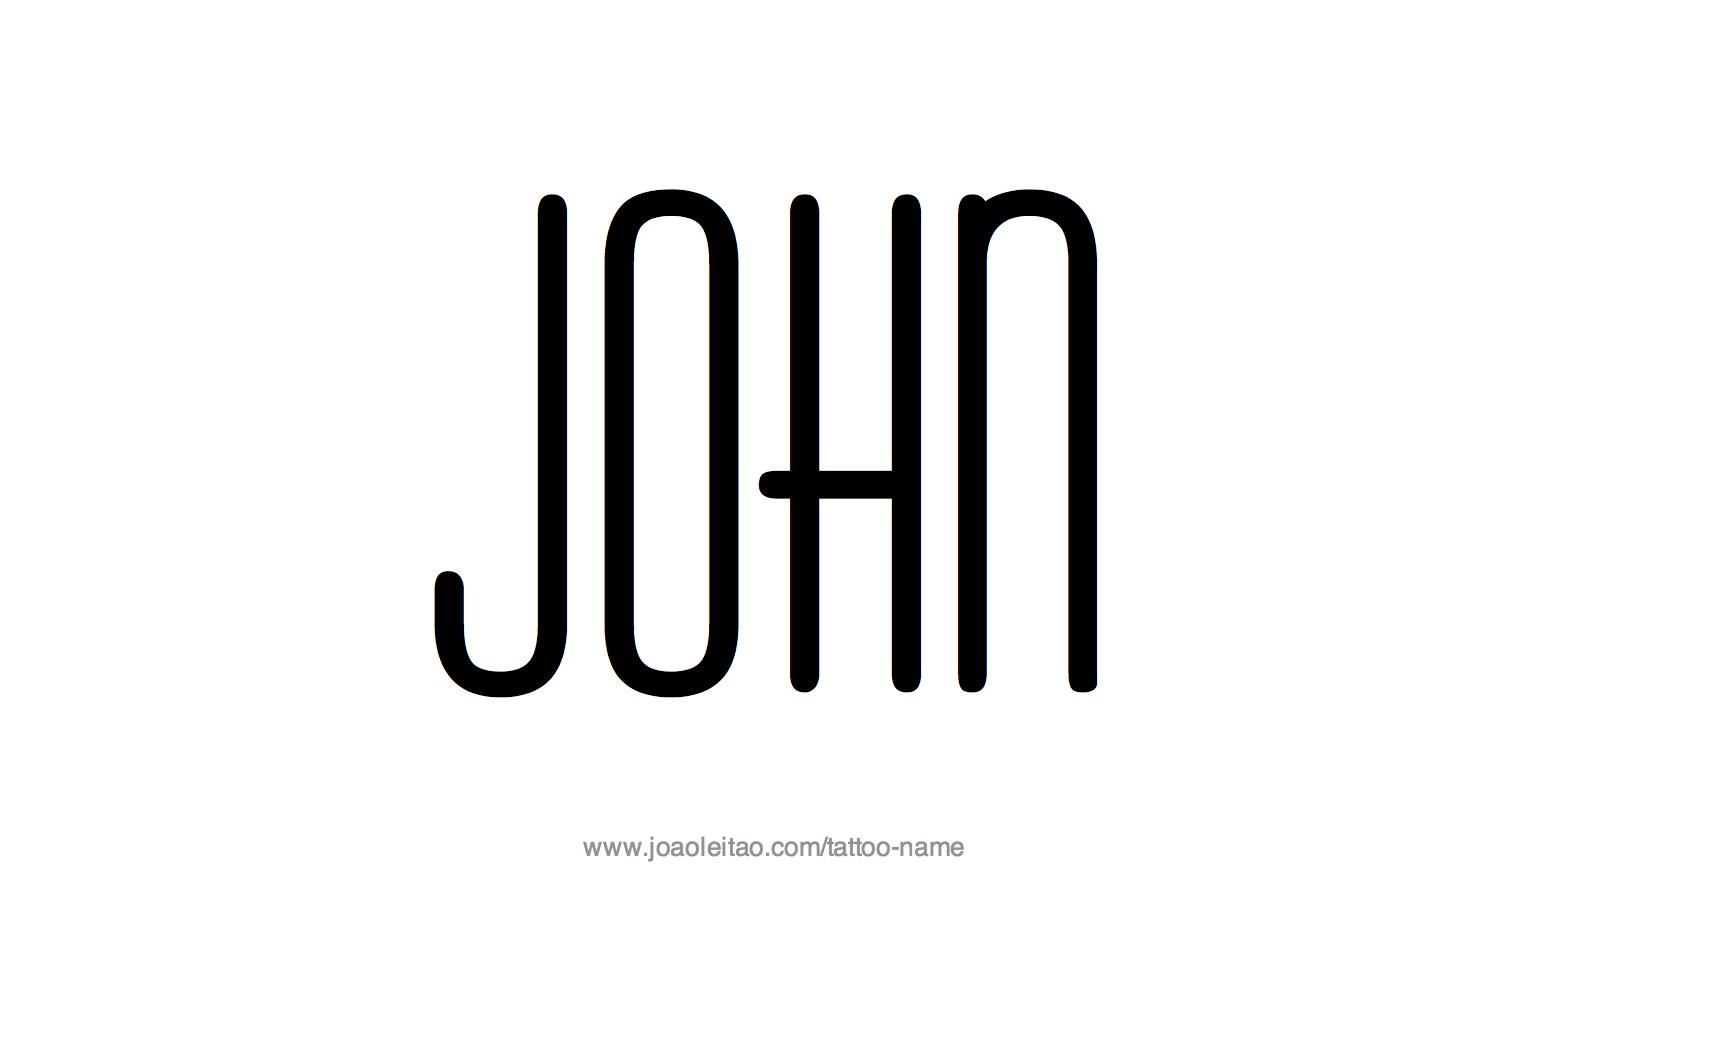 John Name Tattoo Designs